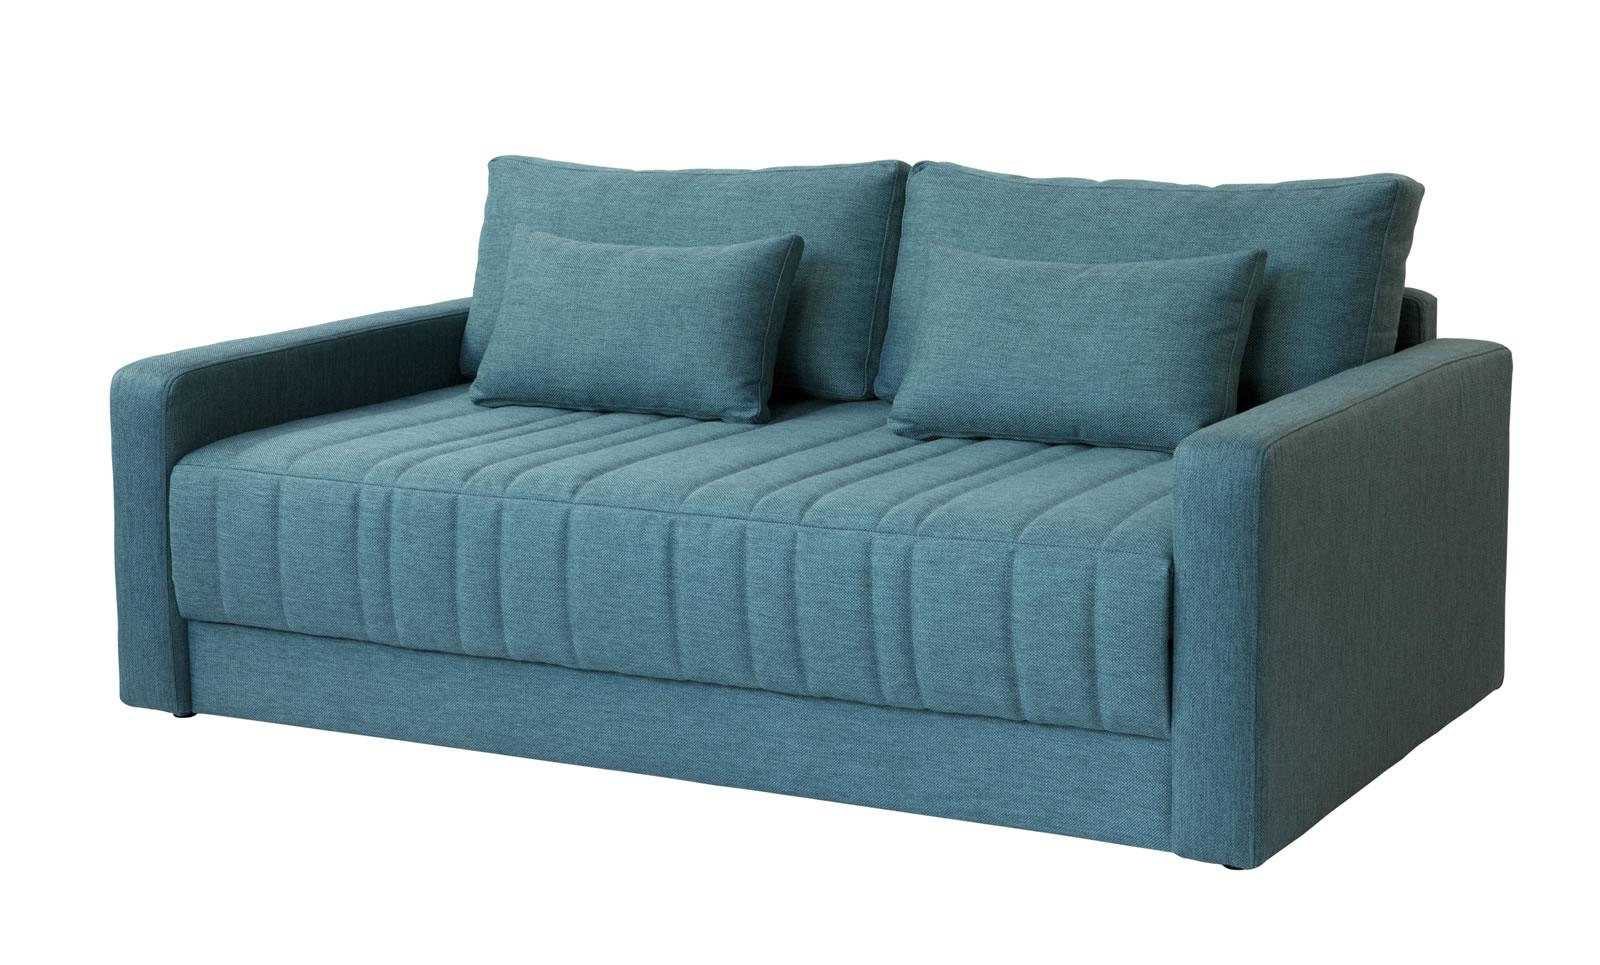 Sof cama futon fernando jaeger for Sofa cama pequeno medidas